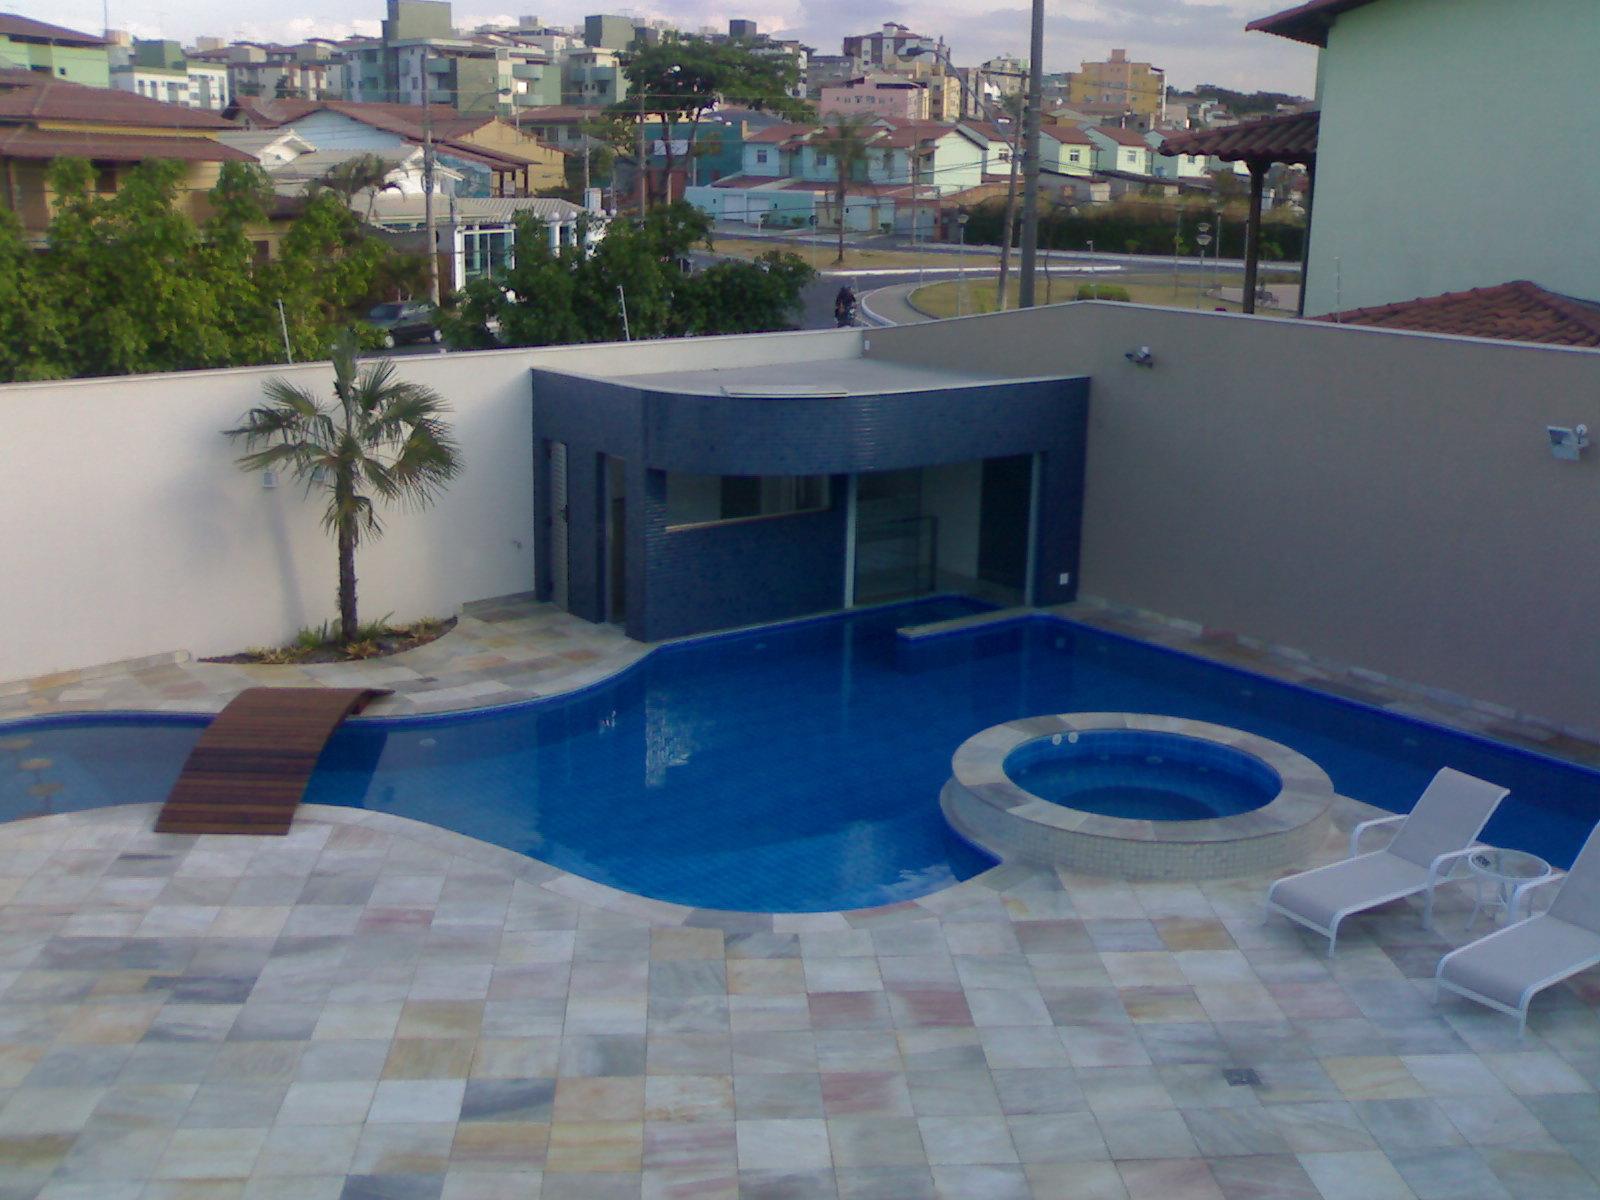 Piscina de vinil bh piscinas personalizadas loja em bh mg for Piscinas semienterradas